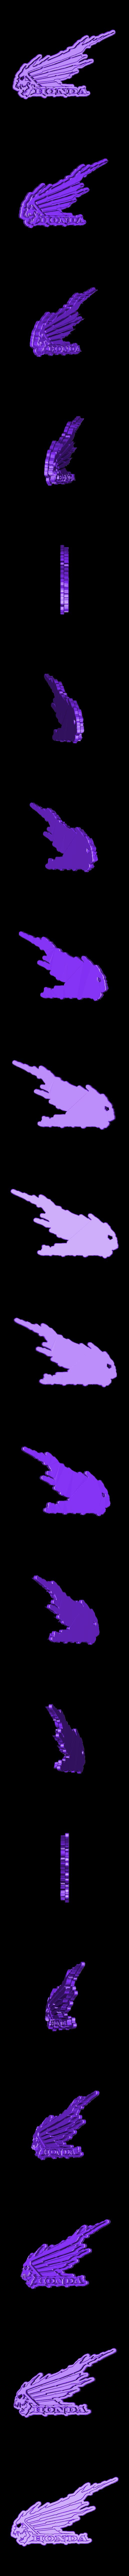 honda.stl Télécharger fichier STL gratuit porte-clés monstre honda • Design à imprimer en 3D, shuranikishin